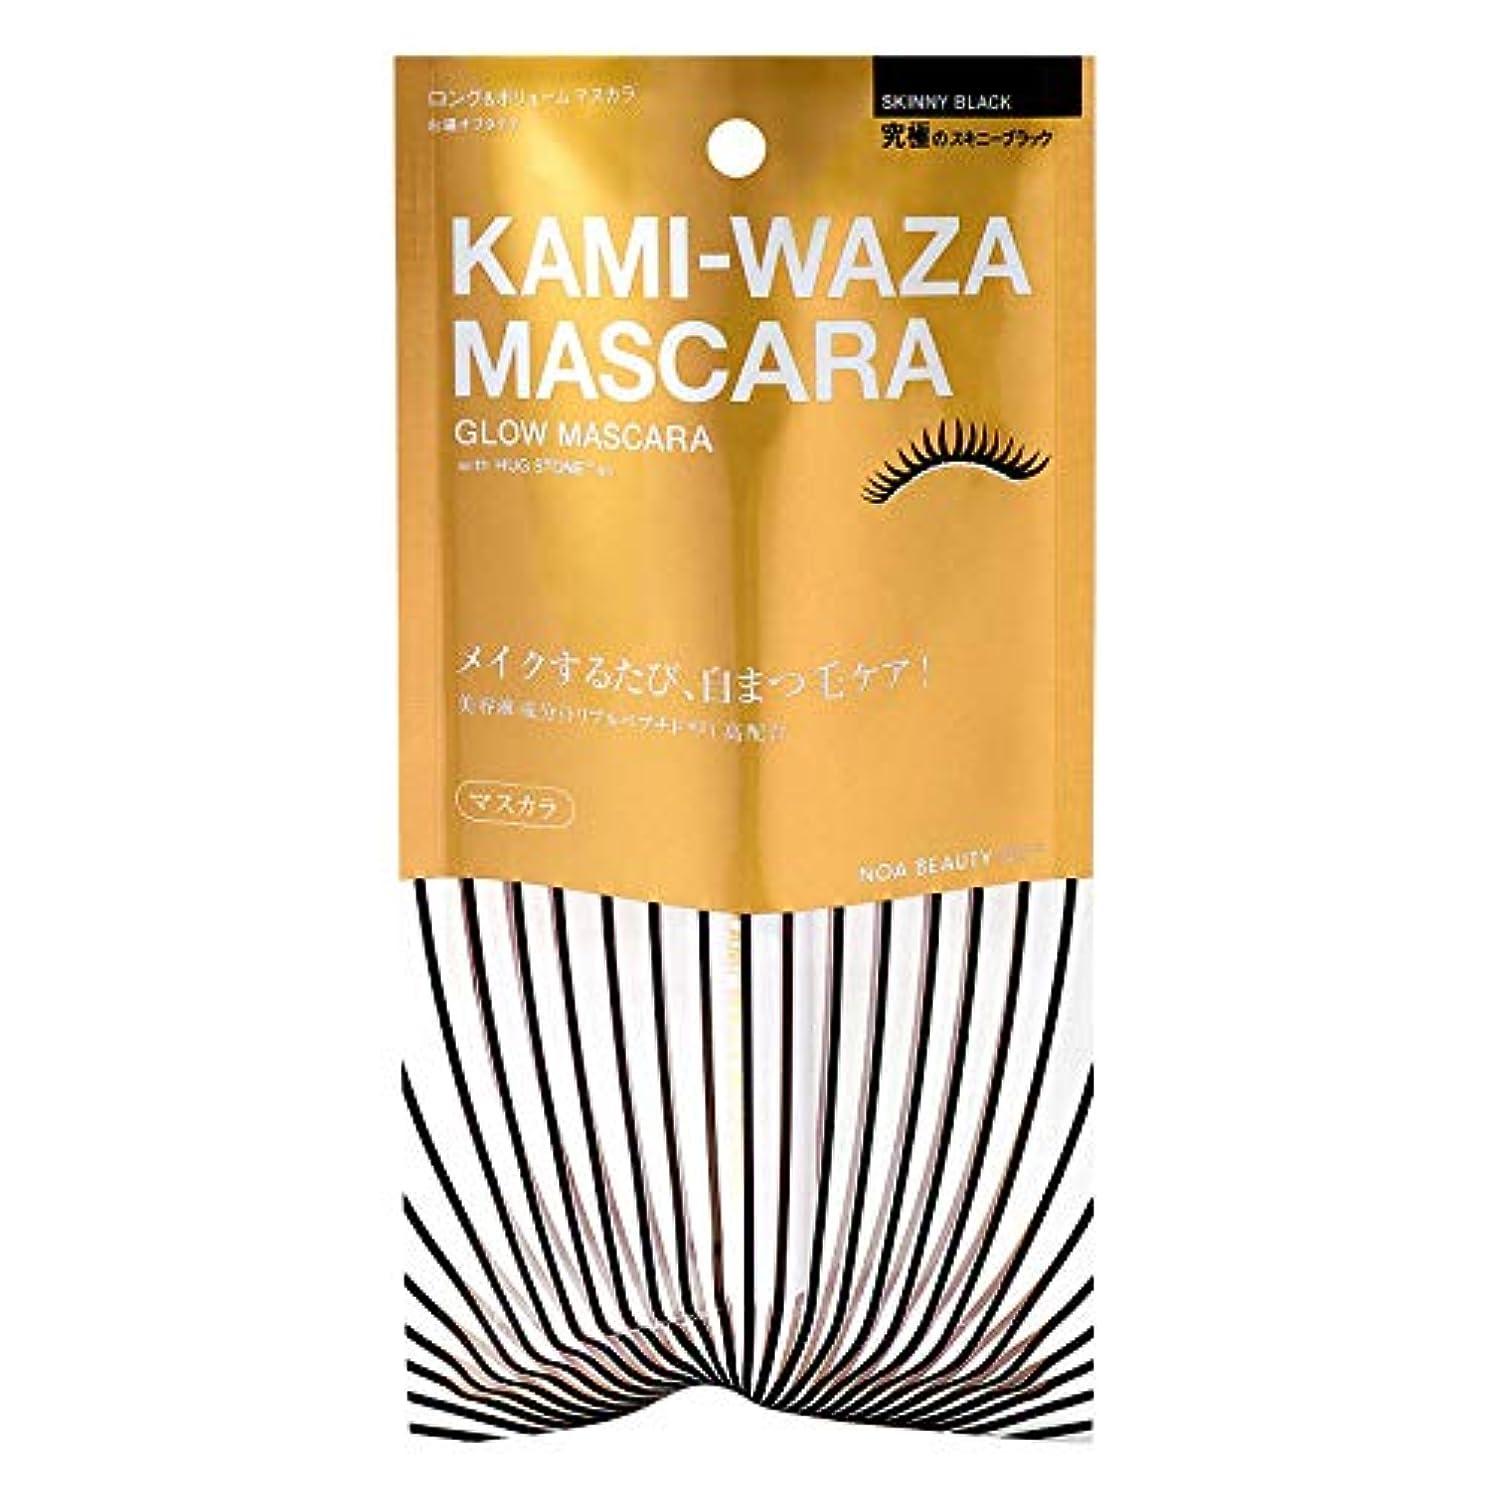 ロイヤリティロボットコーヒーKAMI-WAZA(カミワザ) MASCARA 〈美容マスカラ〉 KWM01 (8g)